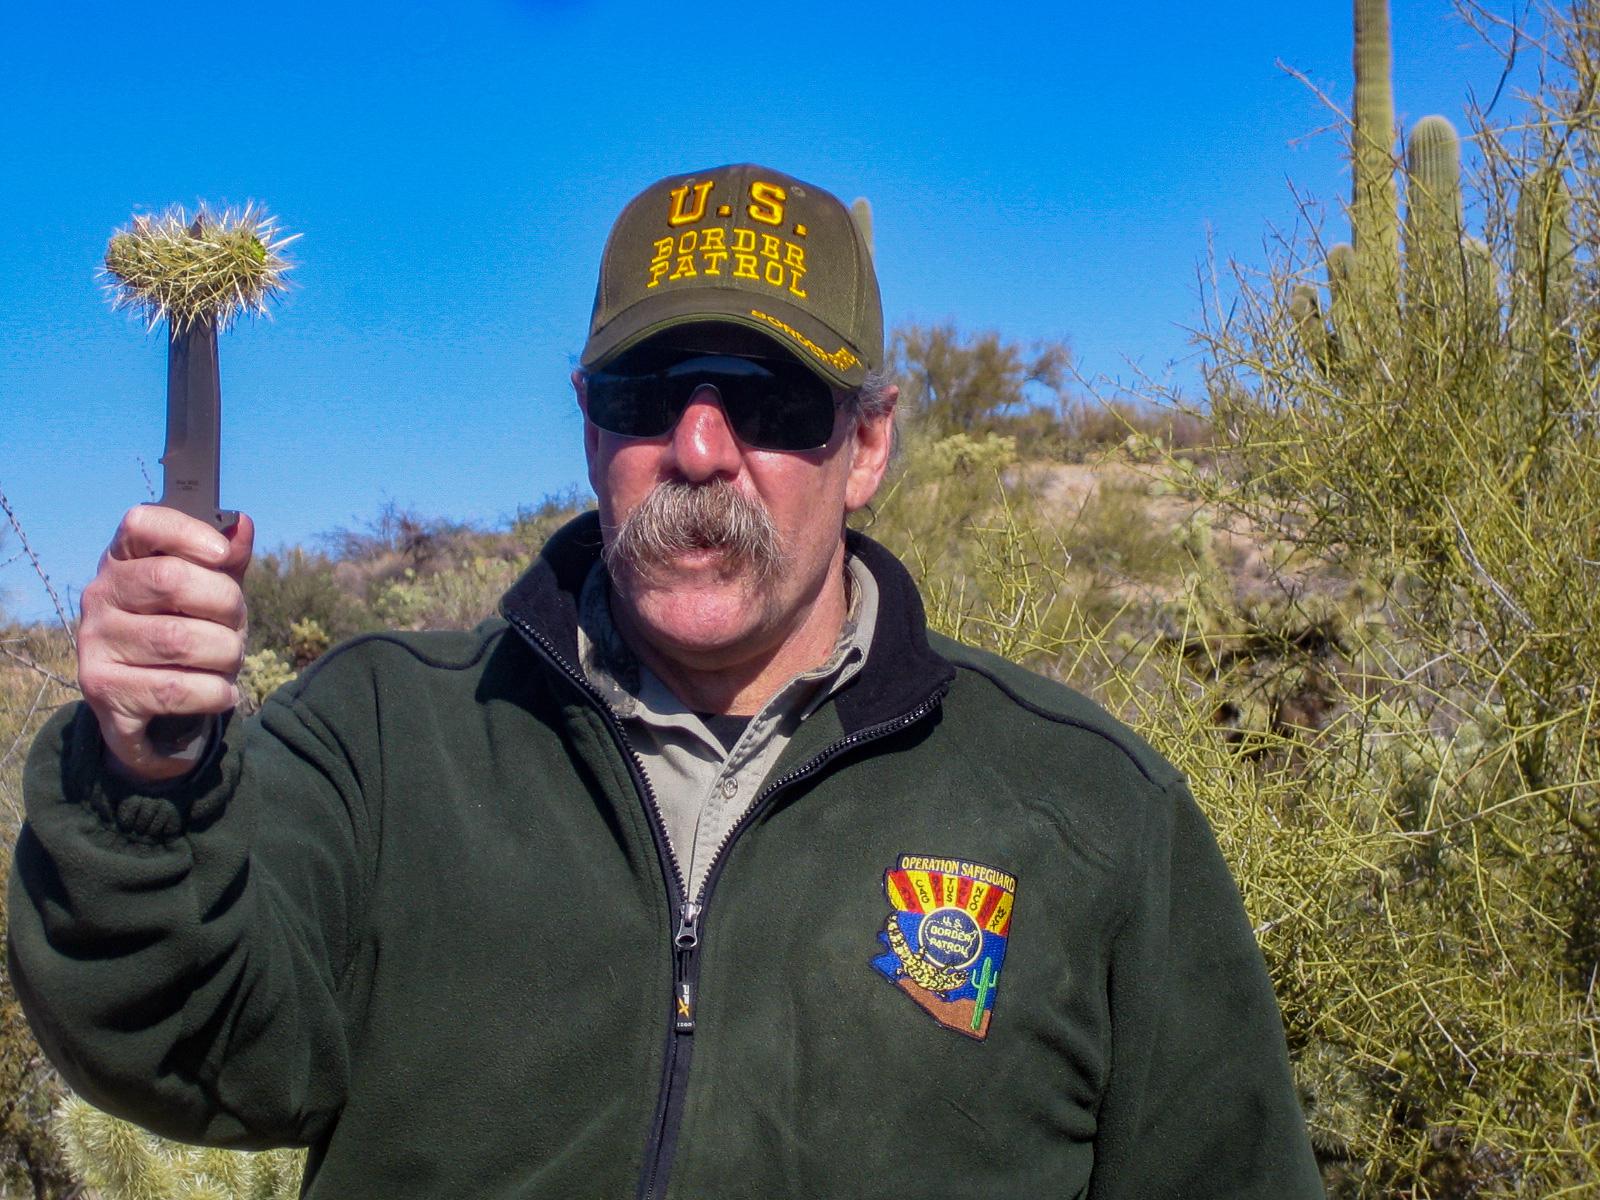 Ein Mann mit einem Messer und einem Stück Kaktus im Ornat der US Border Patrol